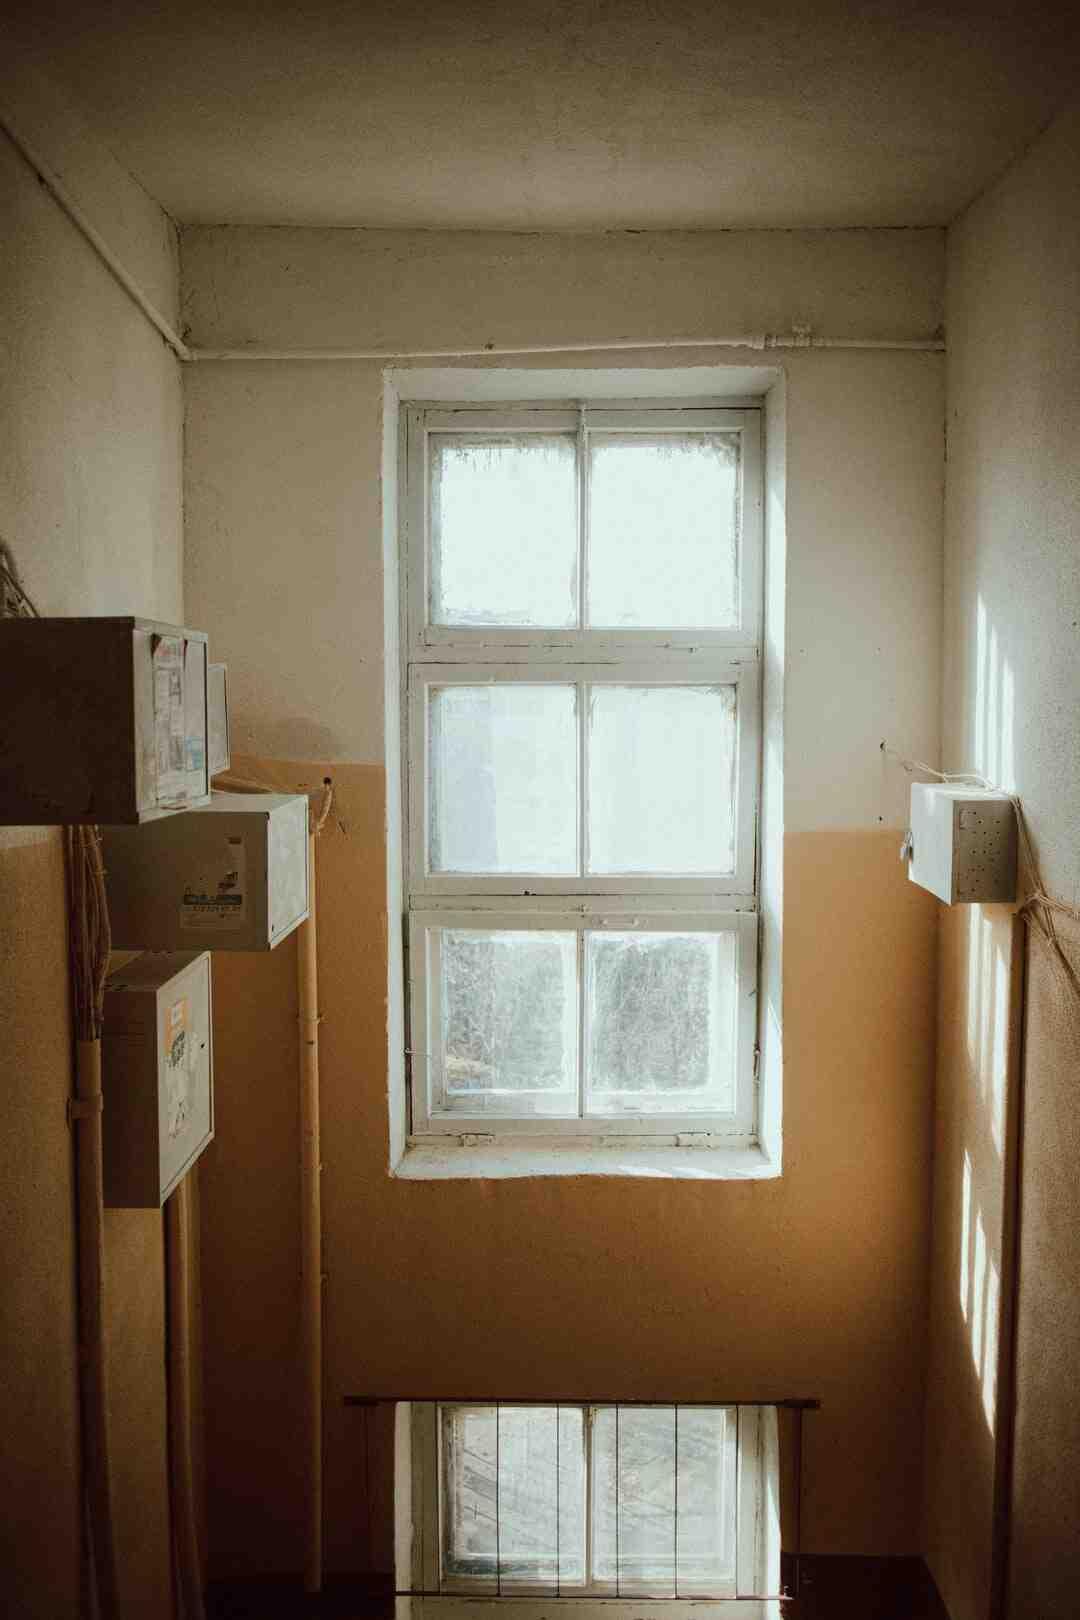 Pode deixar a geladeira desligada por muito tempo?